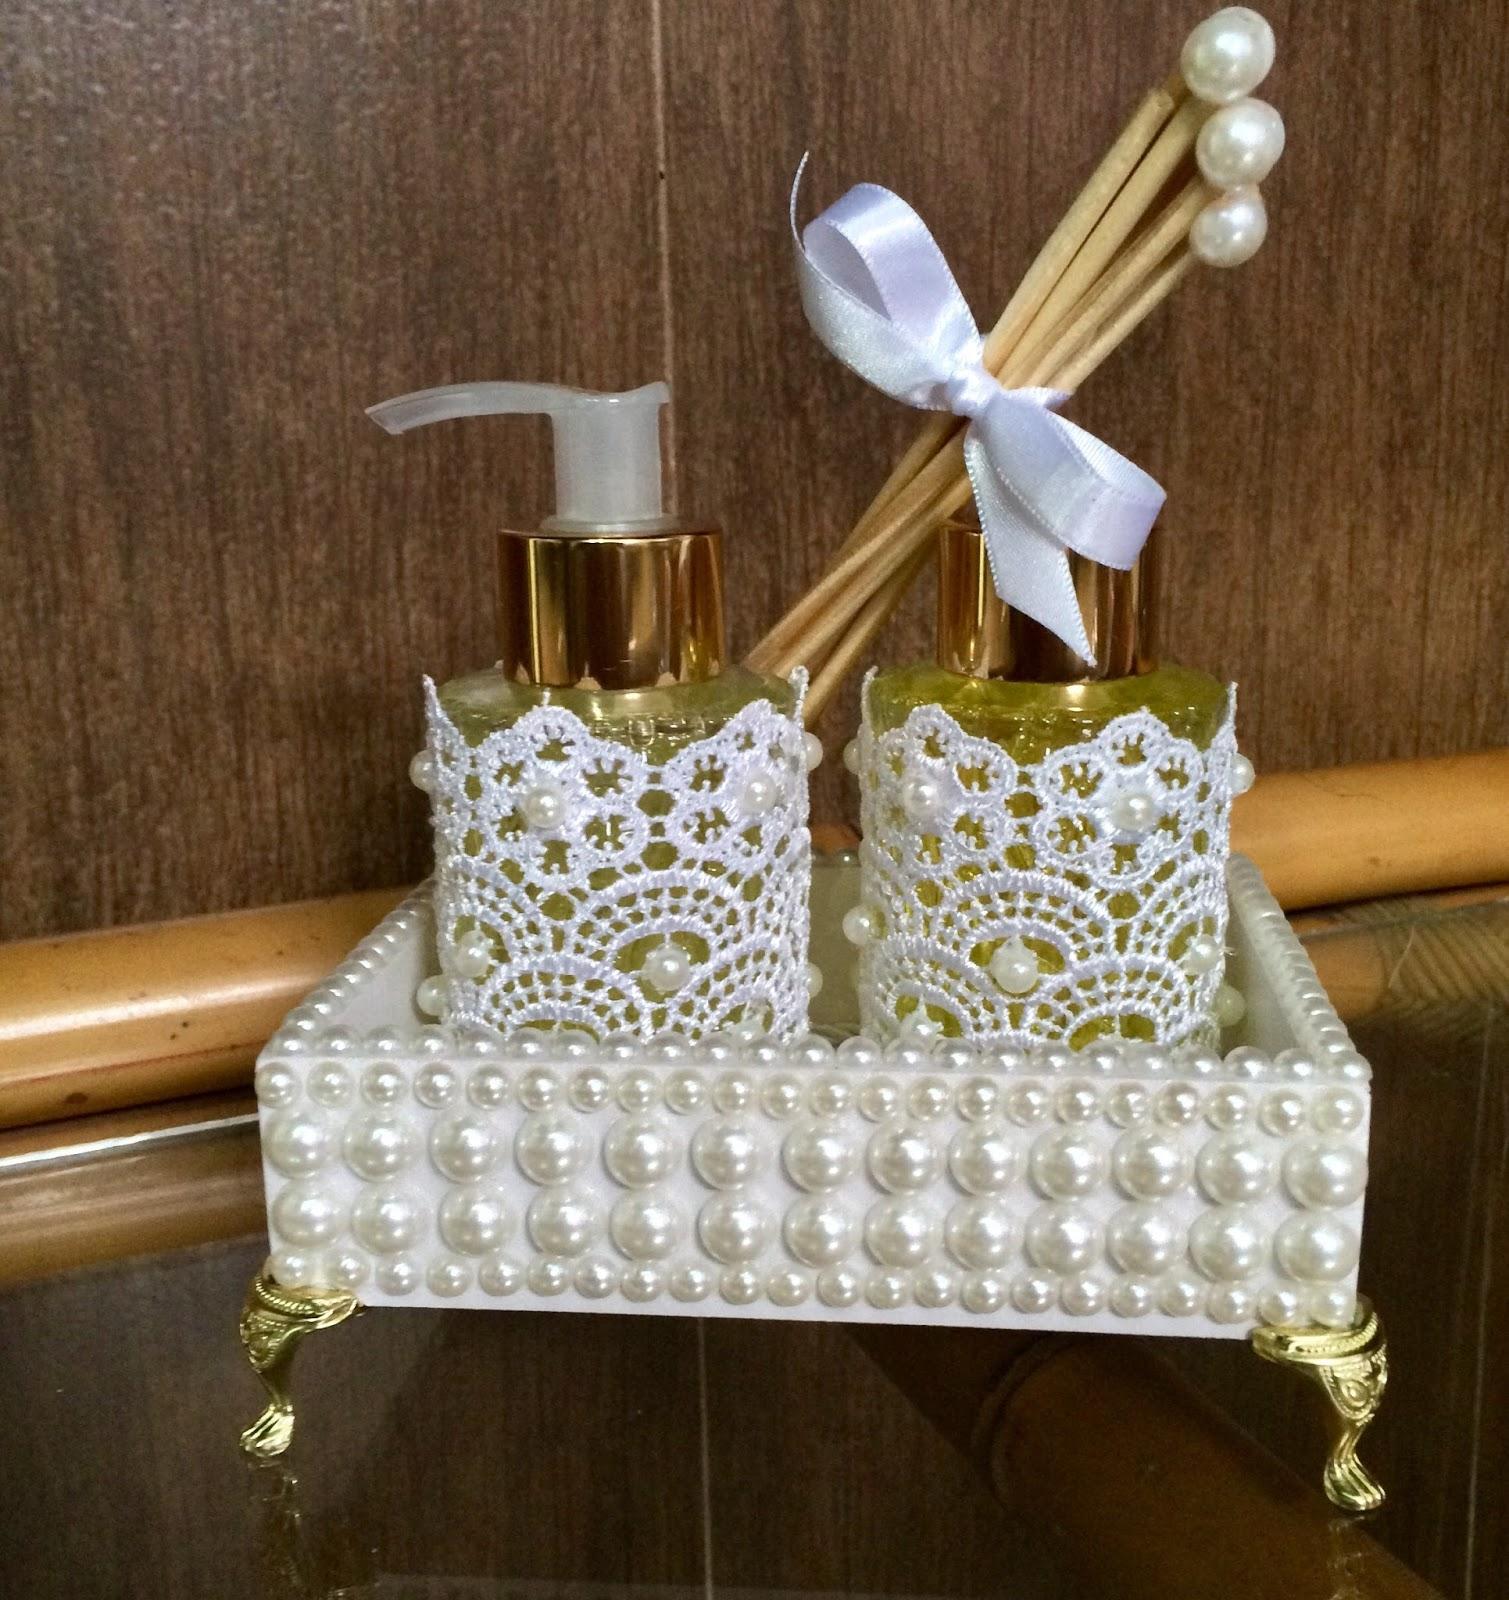 kits Super Luxo Aromatizador e Sabonete Liquido com Bandeja Decorado  #3B2813 1509 1600